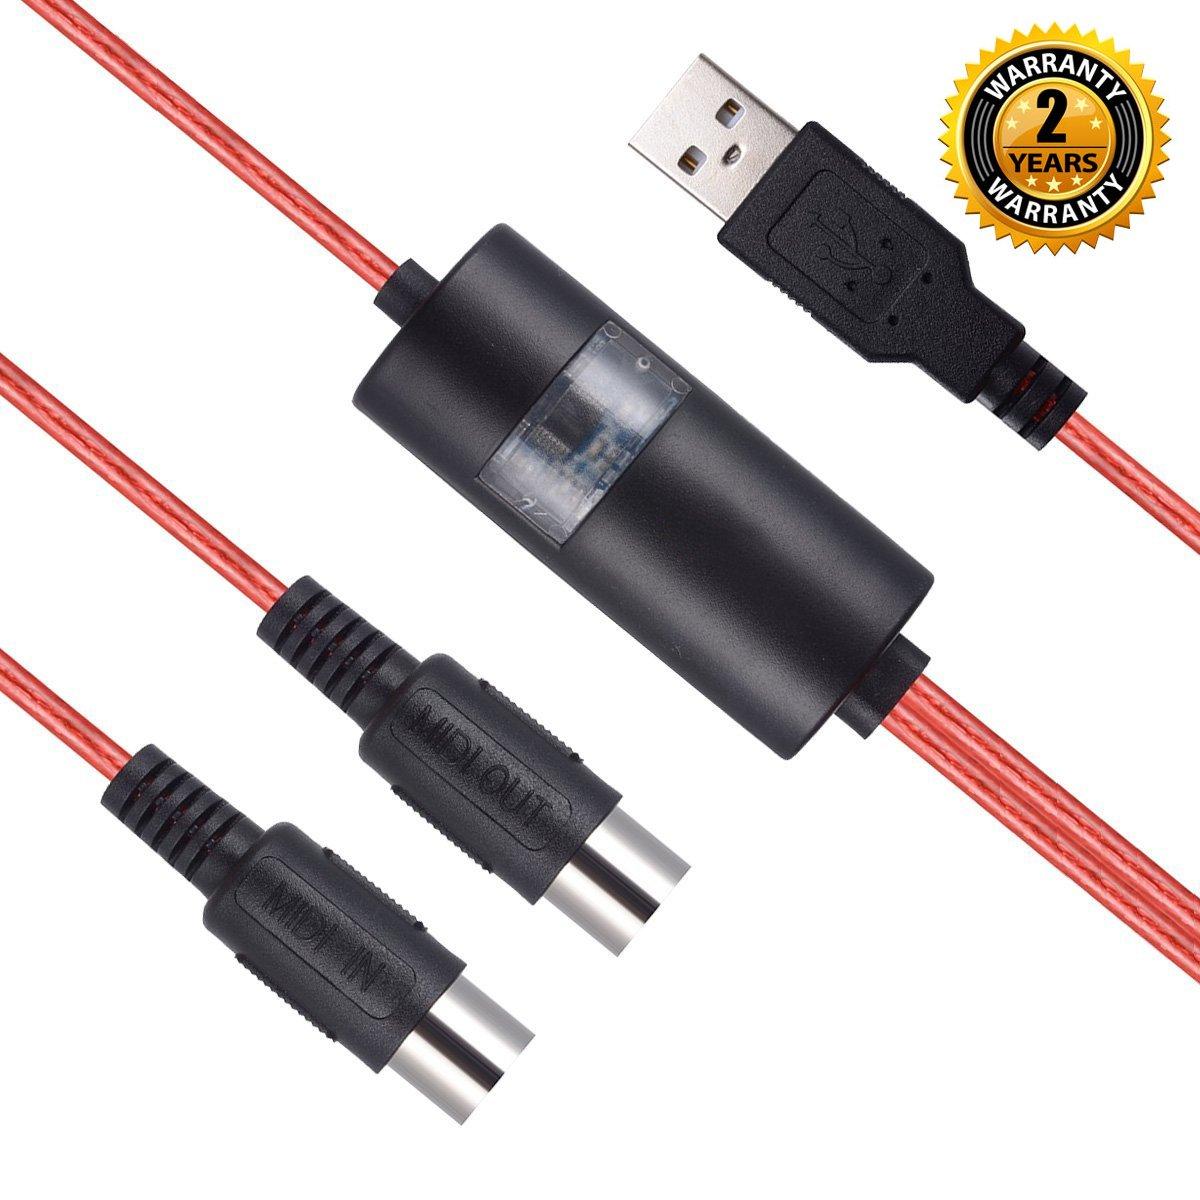 Interfaz de cable USB MIDI, OIBTECH, actualización profesional MIDI a USB IN-Out, convertidor de cable para PC/Mac/Laptop 2M (6,5FT), MIDI CABLE RED: ...